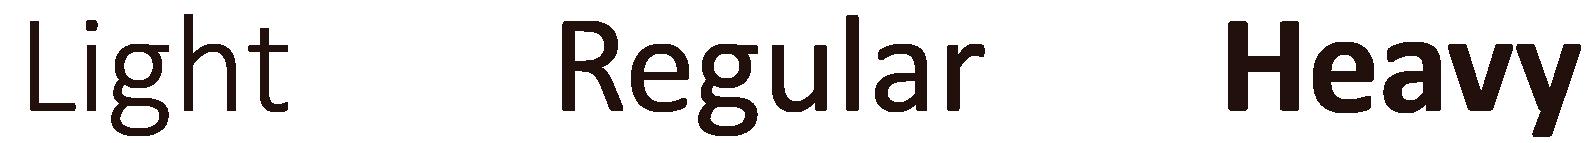 TypographyStylesLightHeavy